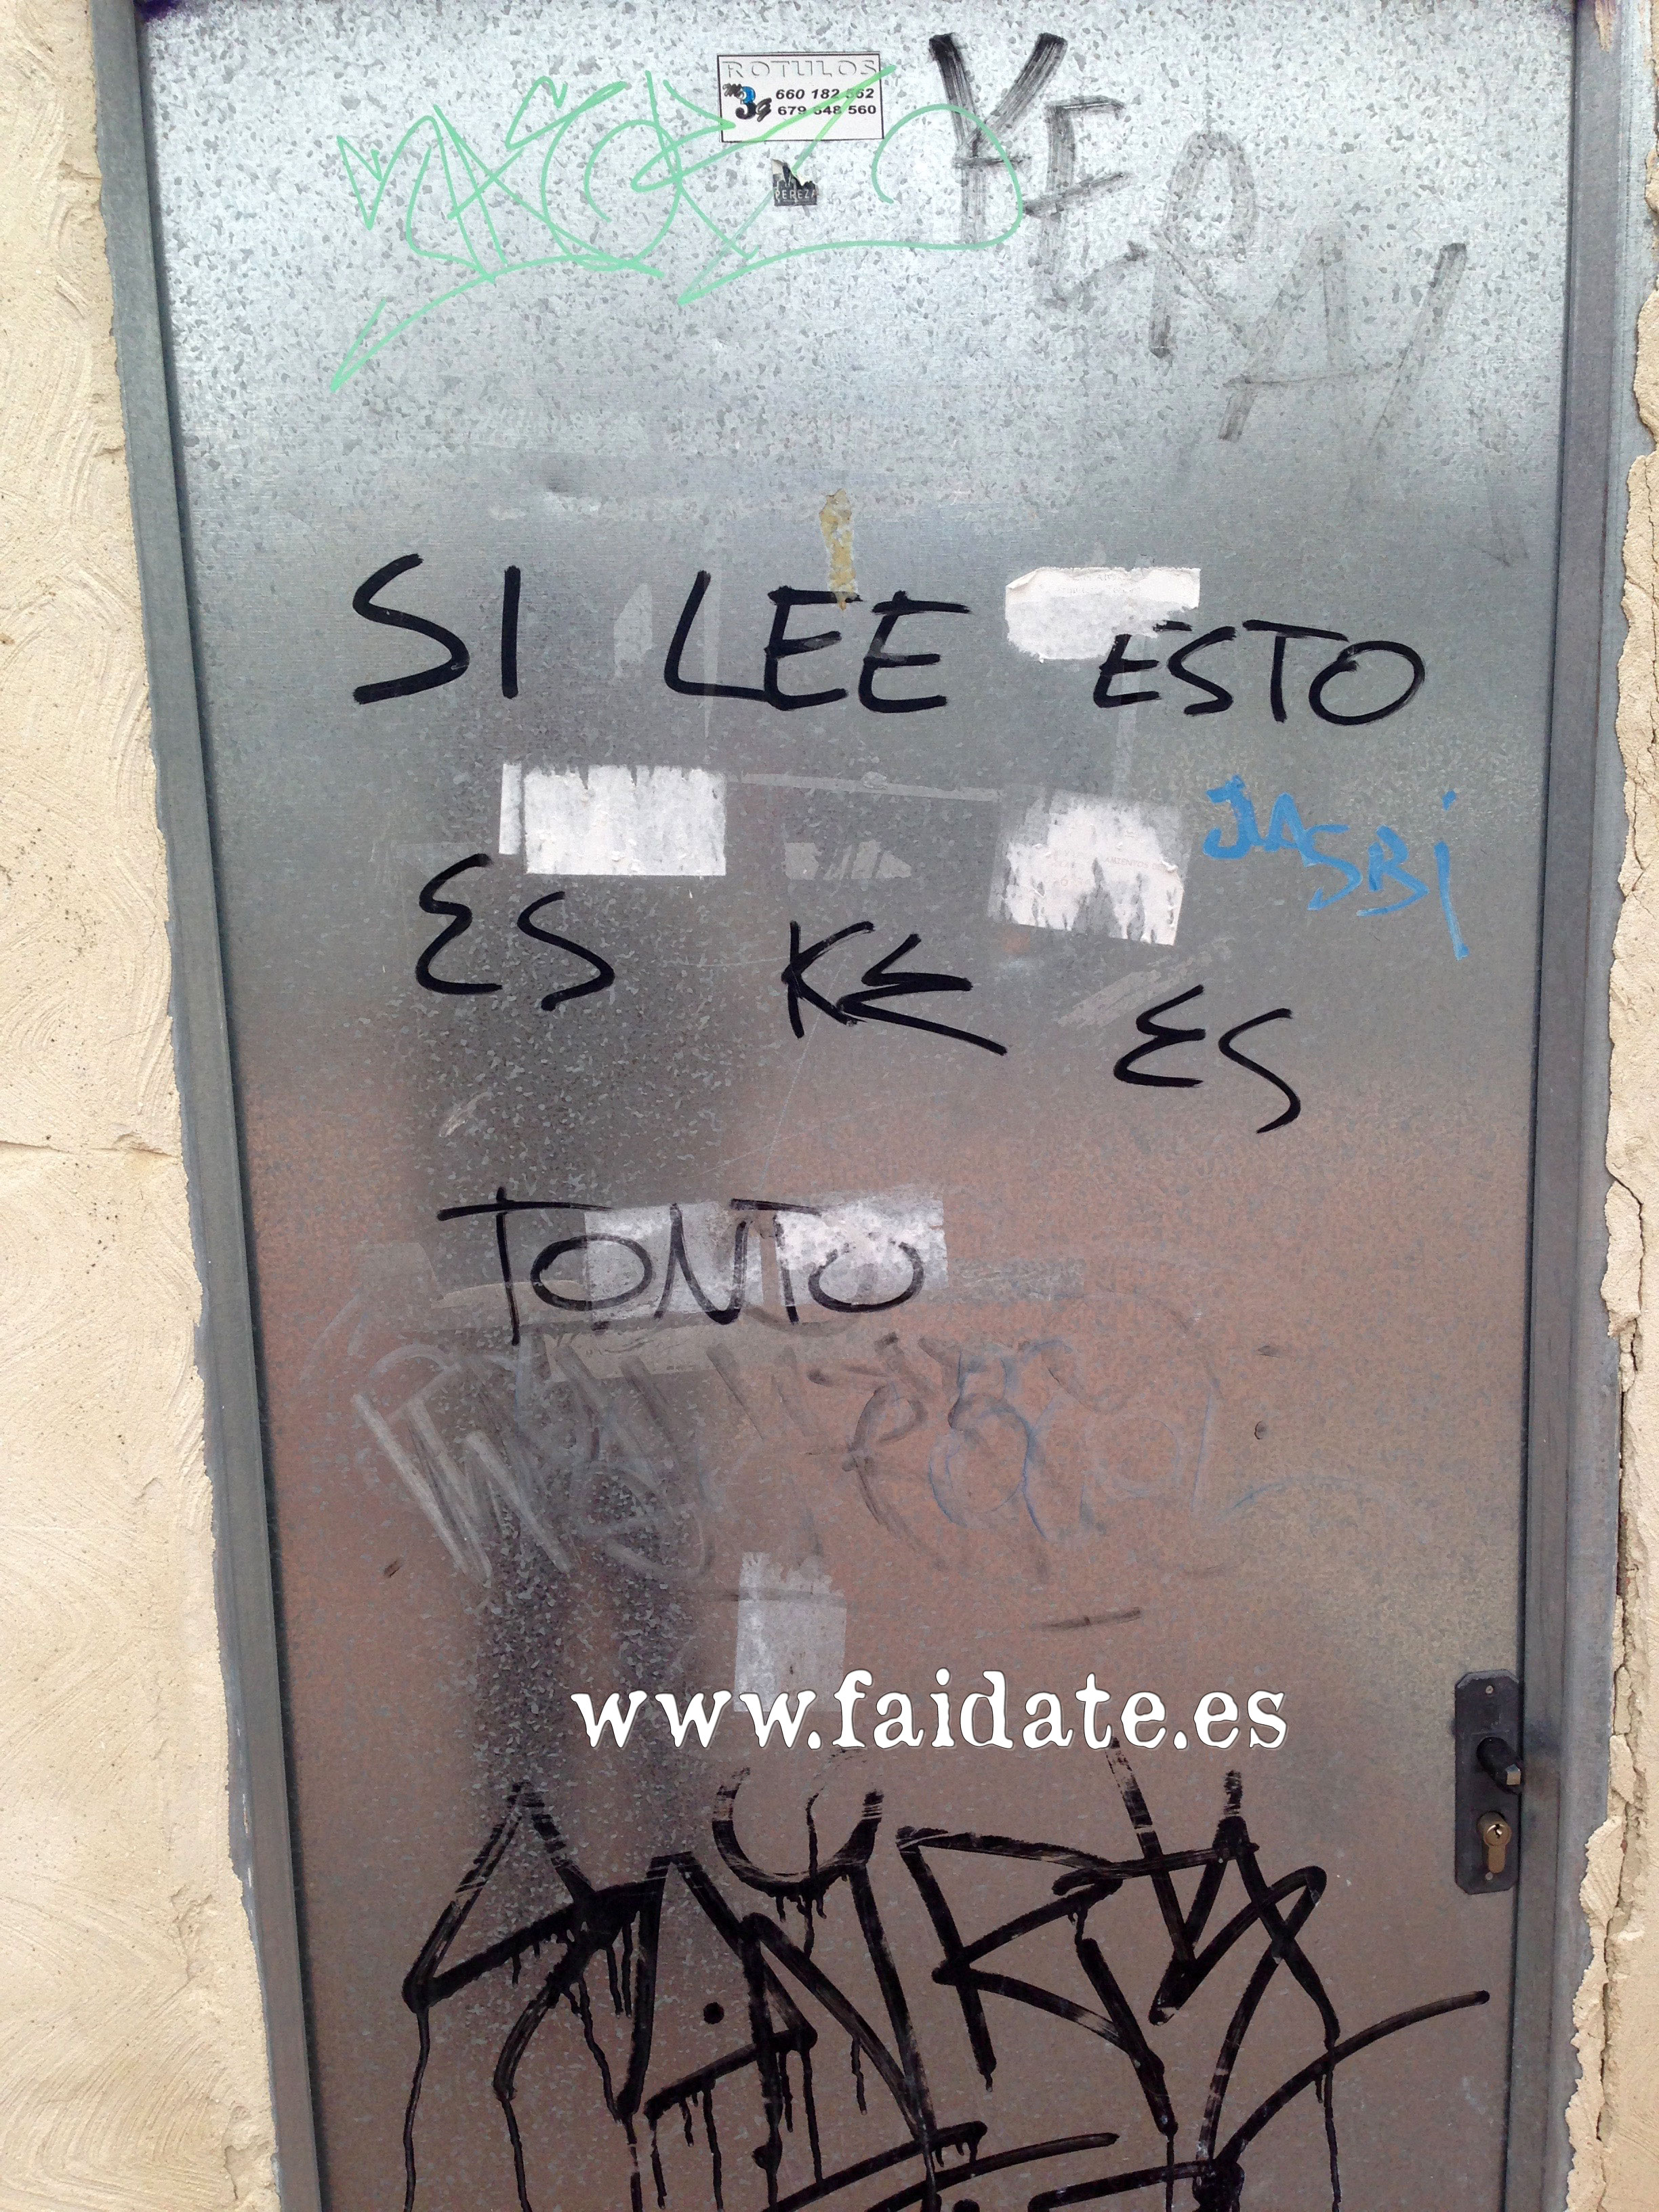 """grafiti (pintada en una fachada de casa) que pone """"tonto el que lo lea"""" de usted y no te tú, sin tutear, """"si lee ésto es que es tonto"""""""